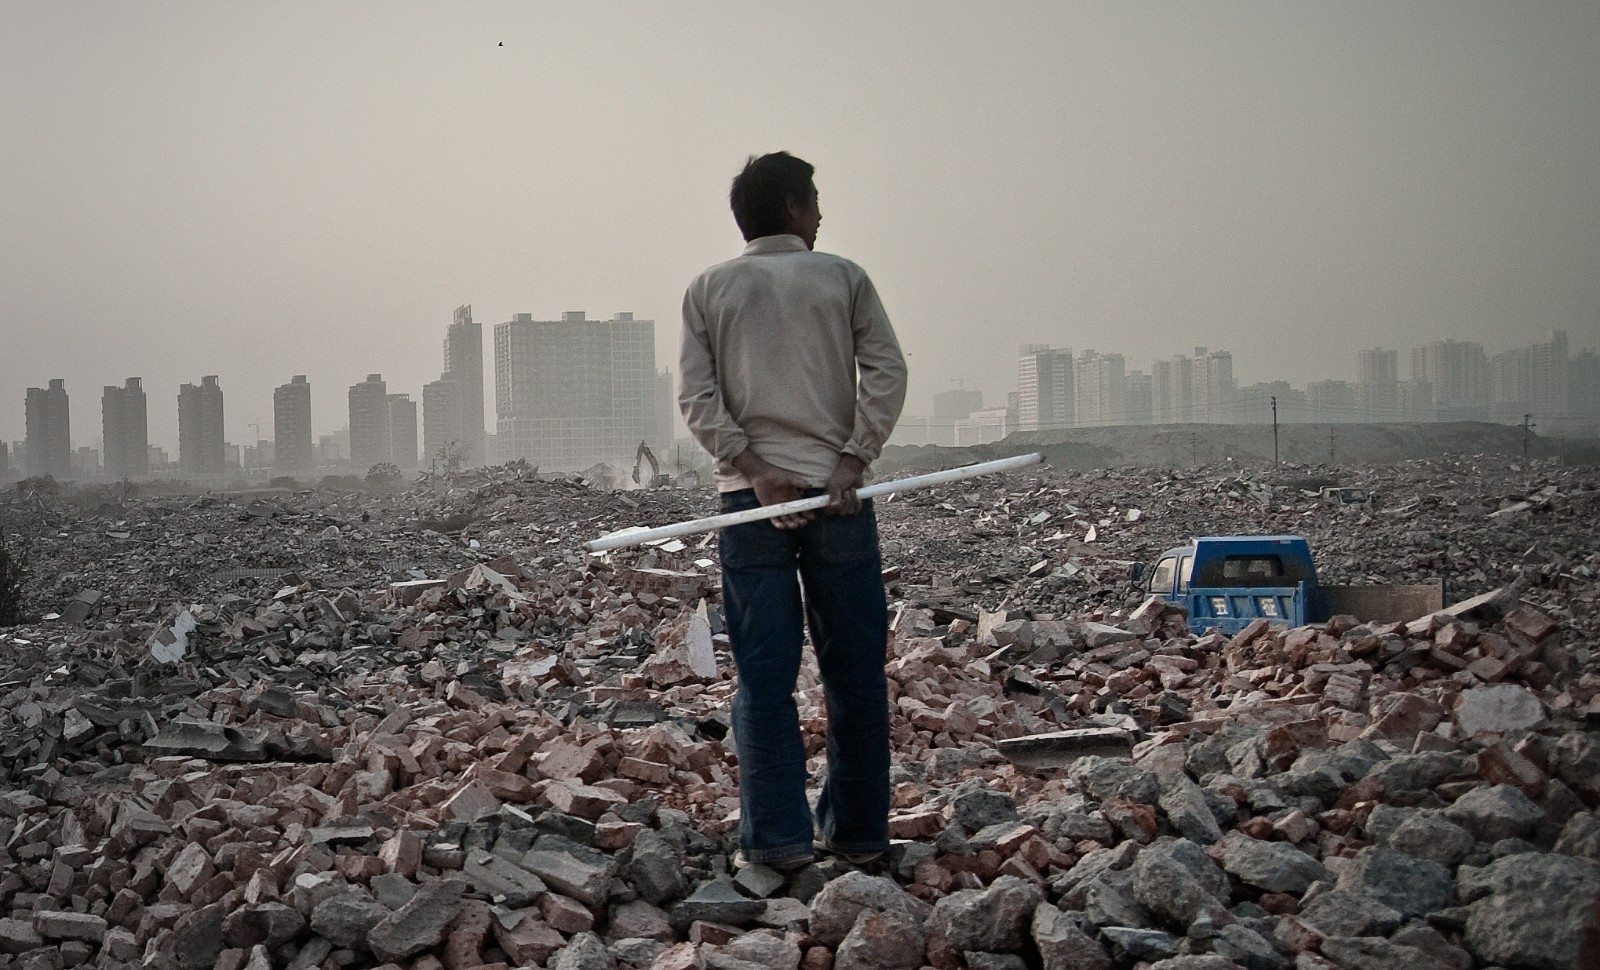 Un habitant de Zhengdong (Chine) marche sur les décombres d'un village rasé pour édifier un quartier d'affaires géant, Novembre 2010 Leevin Liang/EyePress/AFP